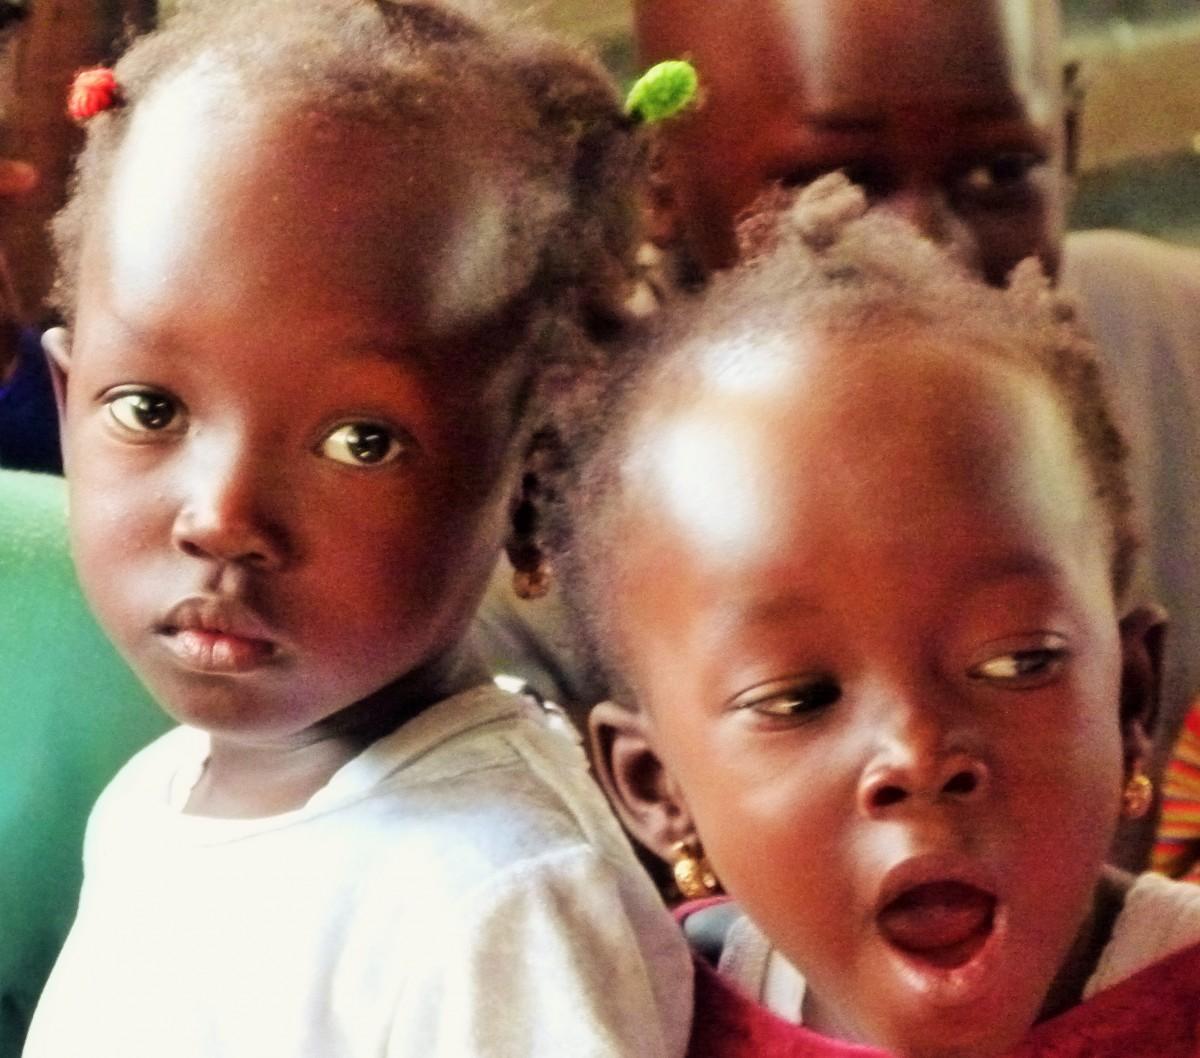 Zdjęcia: sierociniec, Banjul, Oczy, GAMBIA